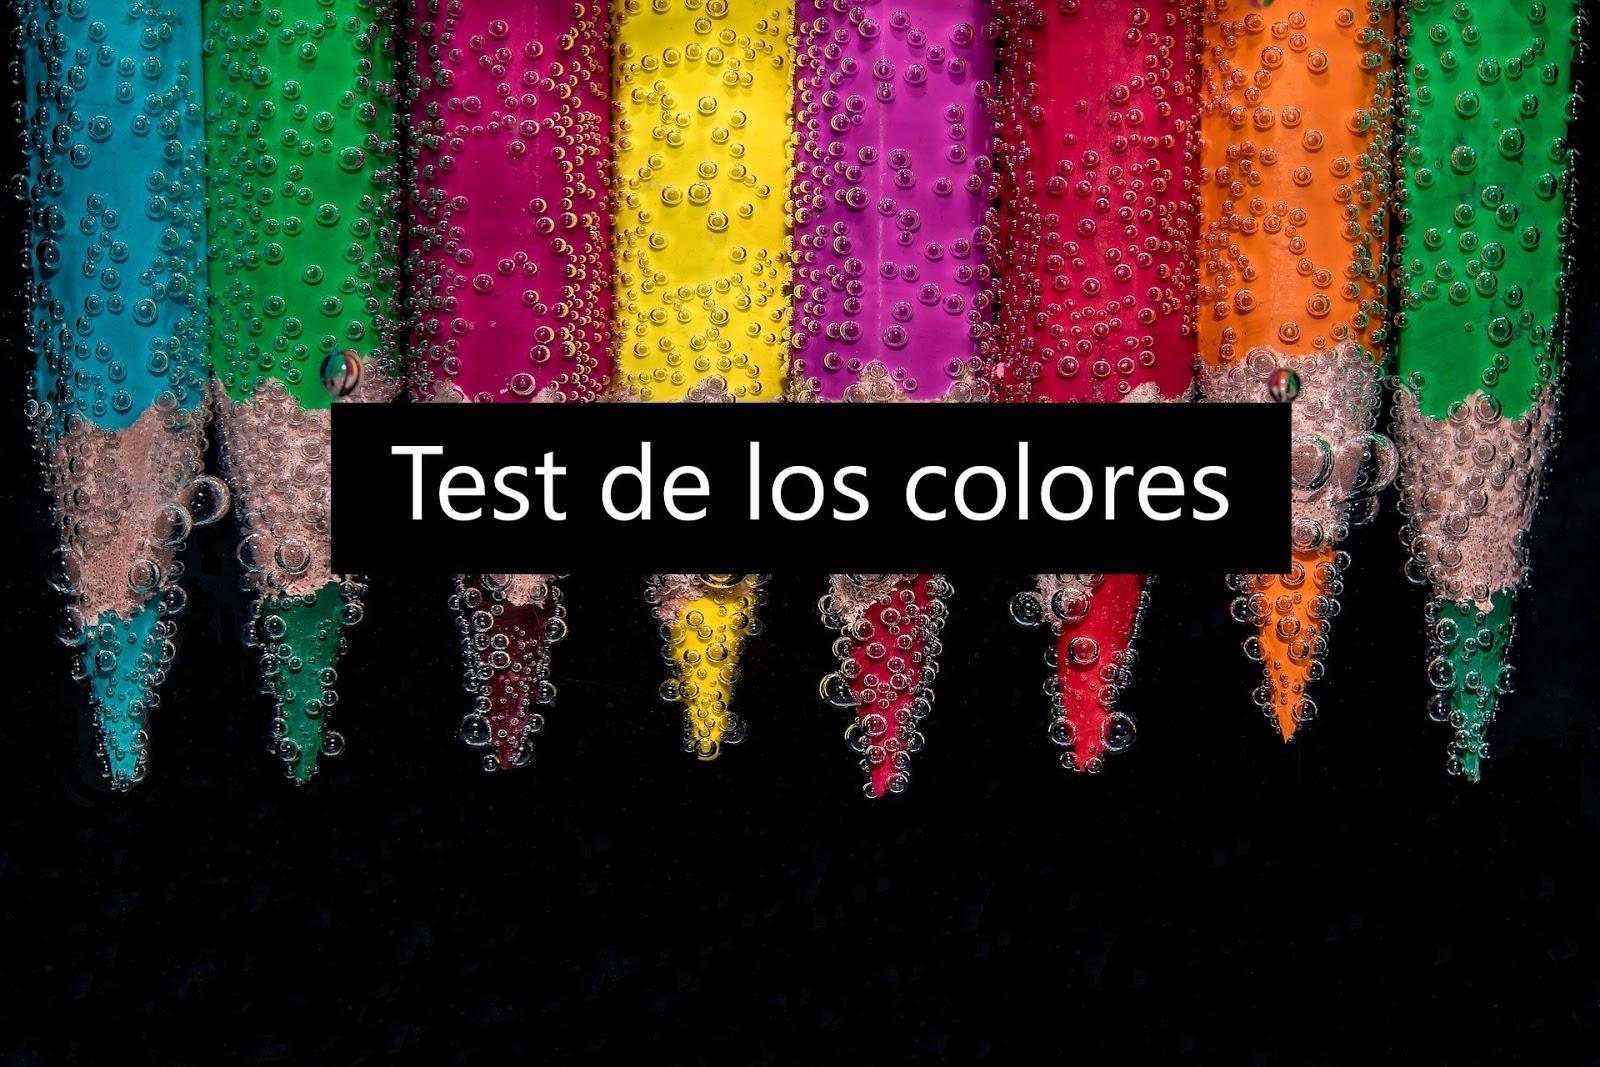 El test de los colores de Lüscher. Descargar